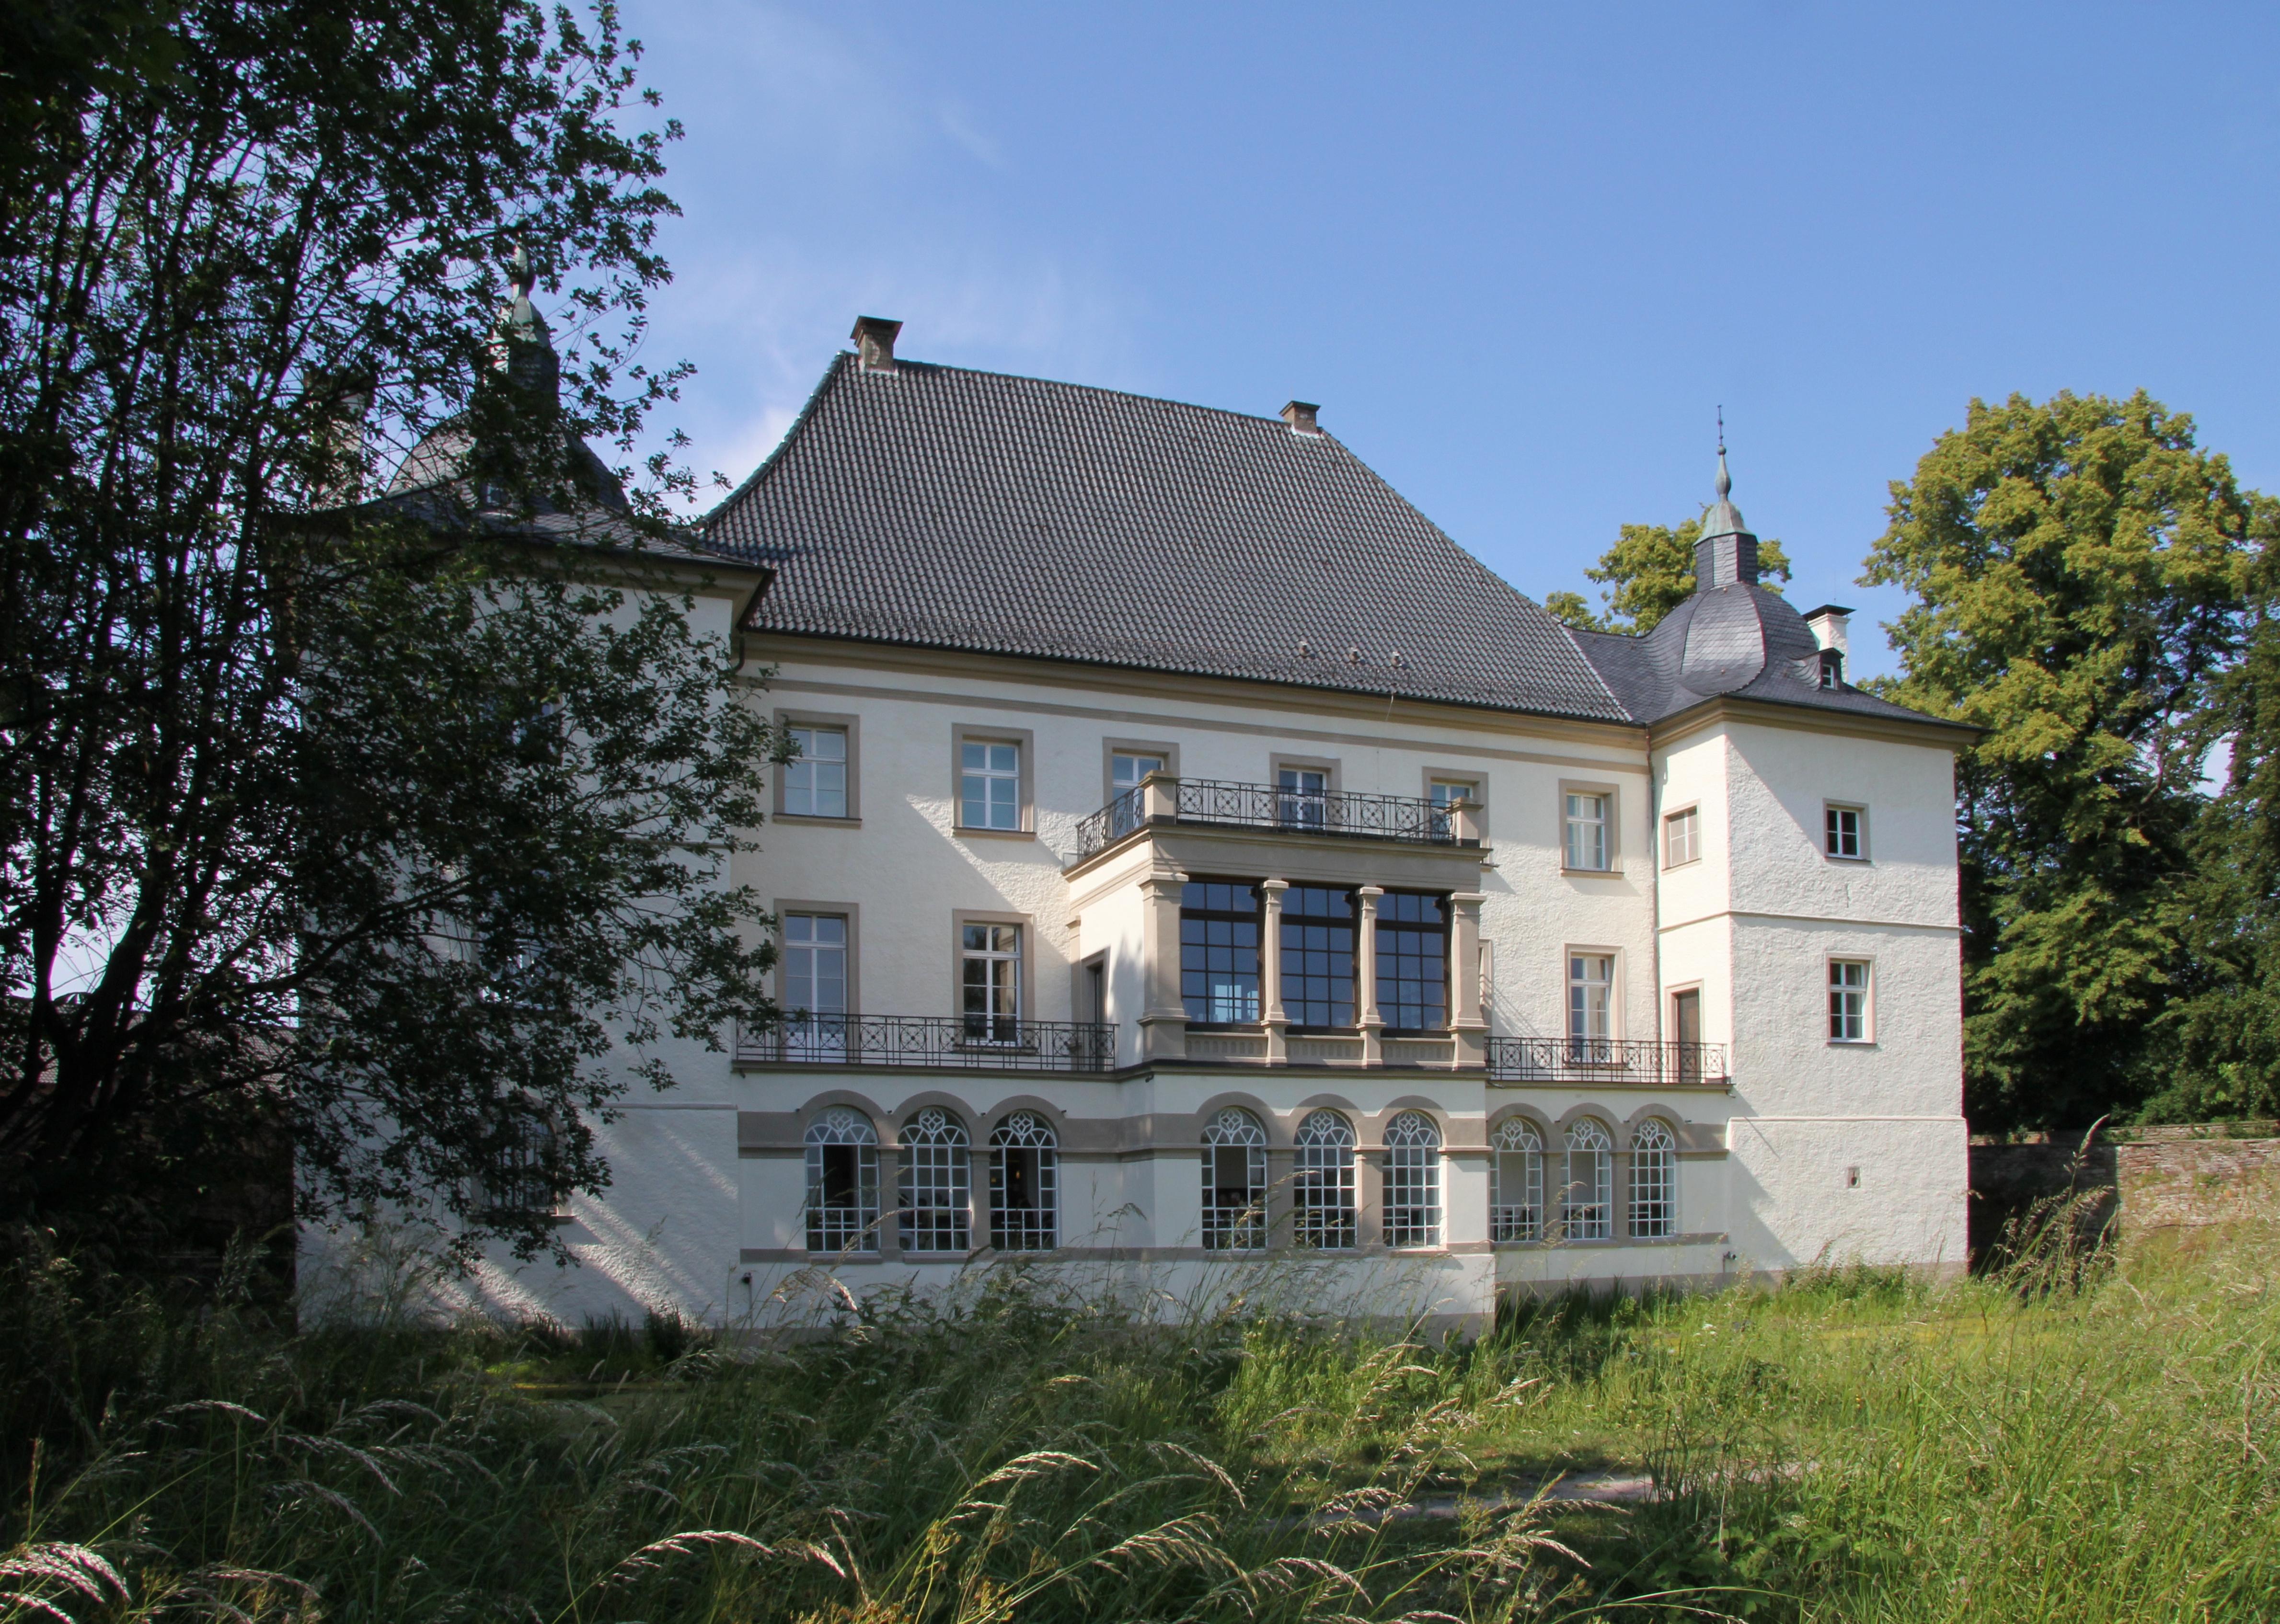 Malermarkt auf Haus Opherdicke in Holzwickede 2016 | zeitgenössische ...